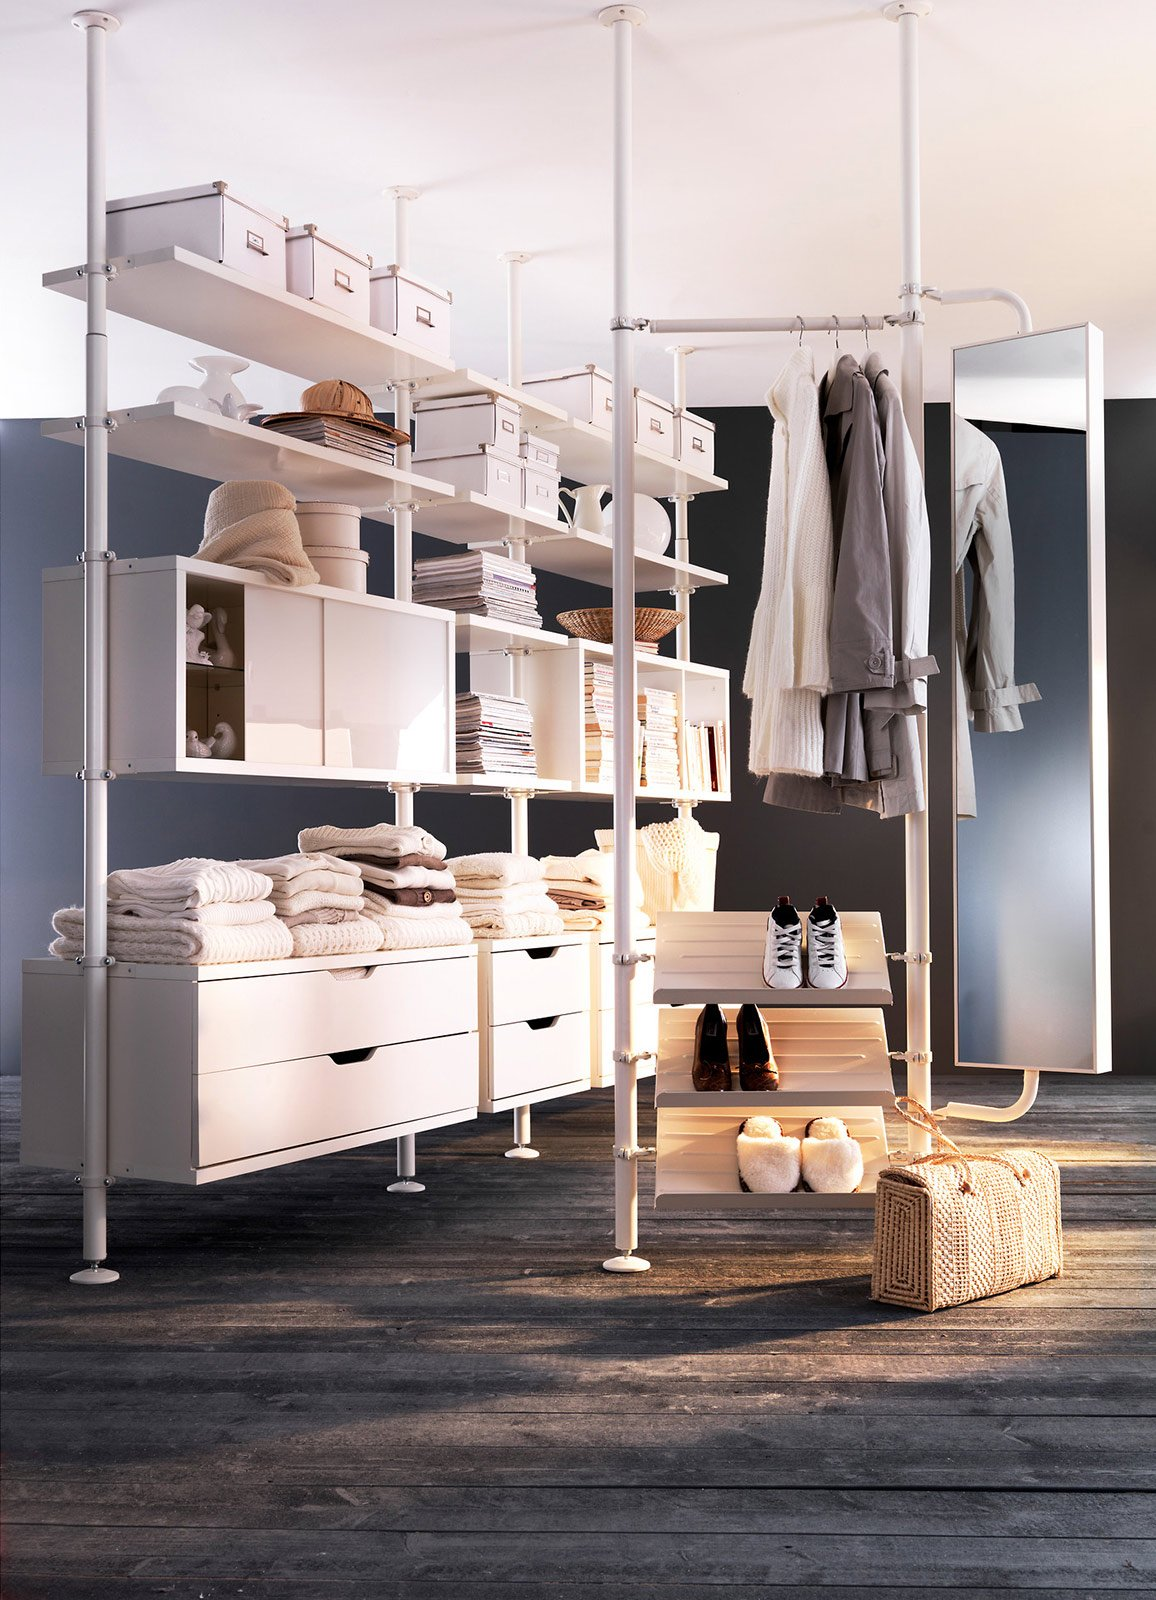 Cabine armadio progettiamo insieme lo spazio cose di casa - Tende per mansarda ikea ...